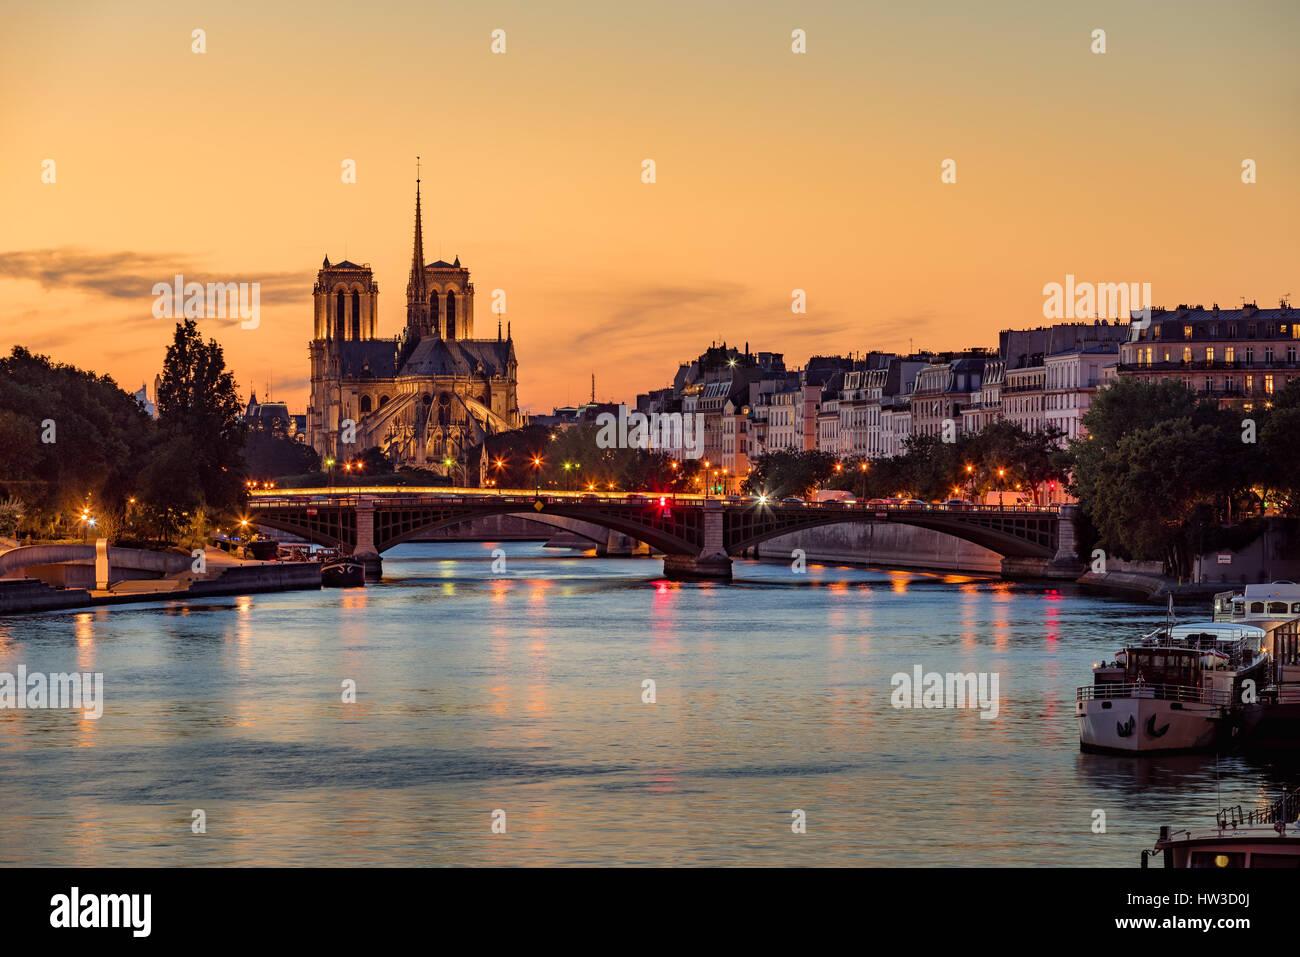 Notre Dame de Paris Cathedral, Ile Saint Louis e il Fiume Senna al tramonto. Serata estiva con il ponte di Sully Immagini Stock